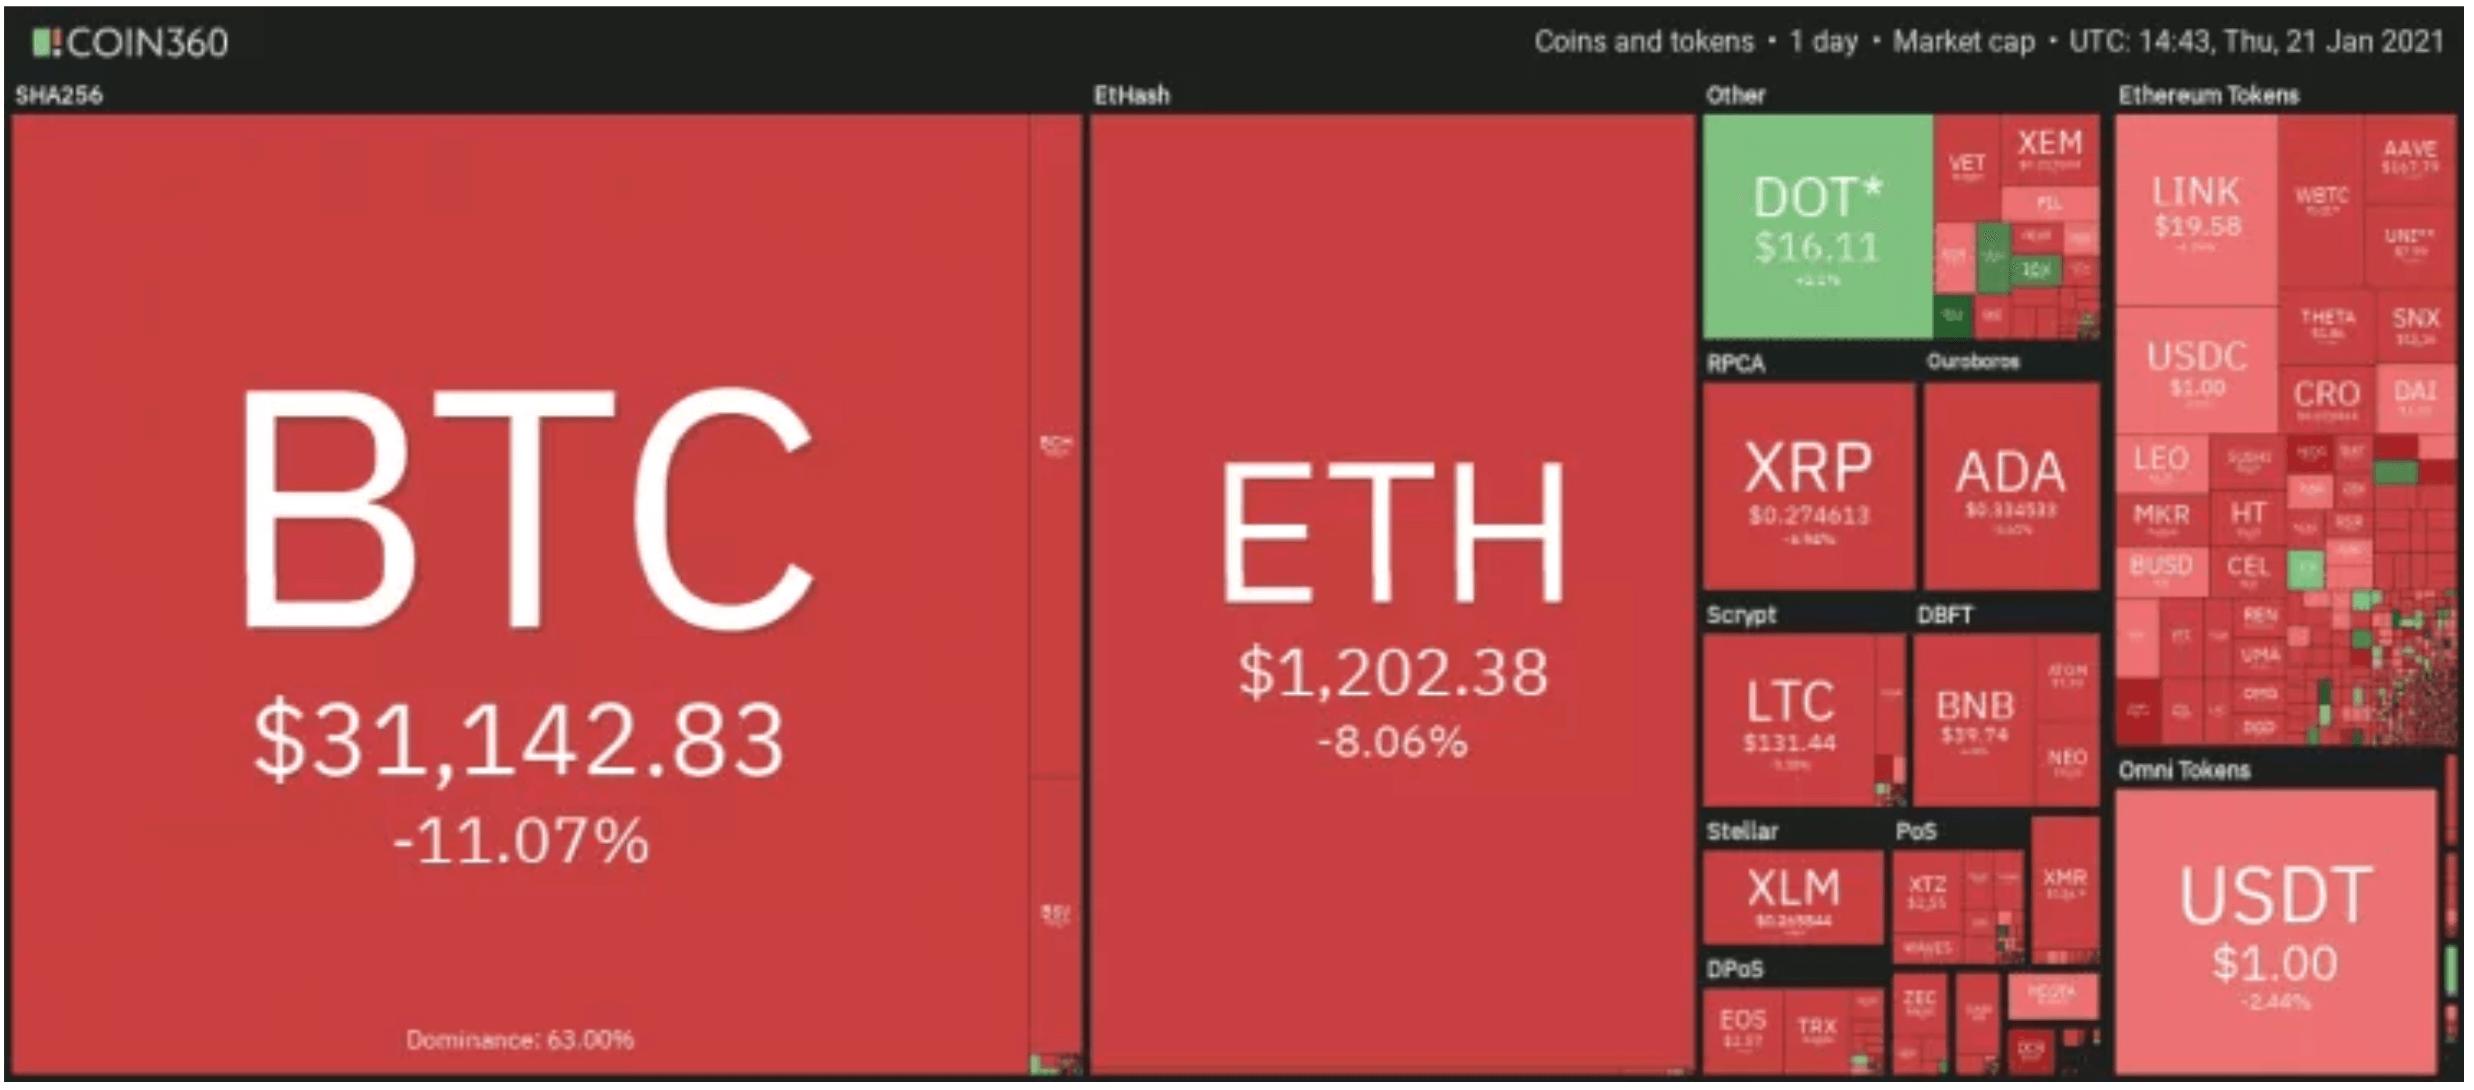 Litecoin fiyat analizi: LTC yükselecek mi? Teknik görünüm, indikatörler, beklenen yön ve izlenecek seviyeler 5